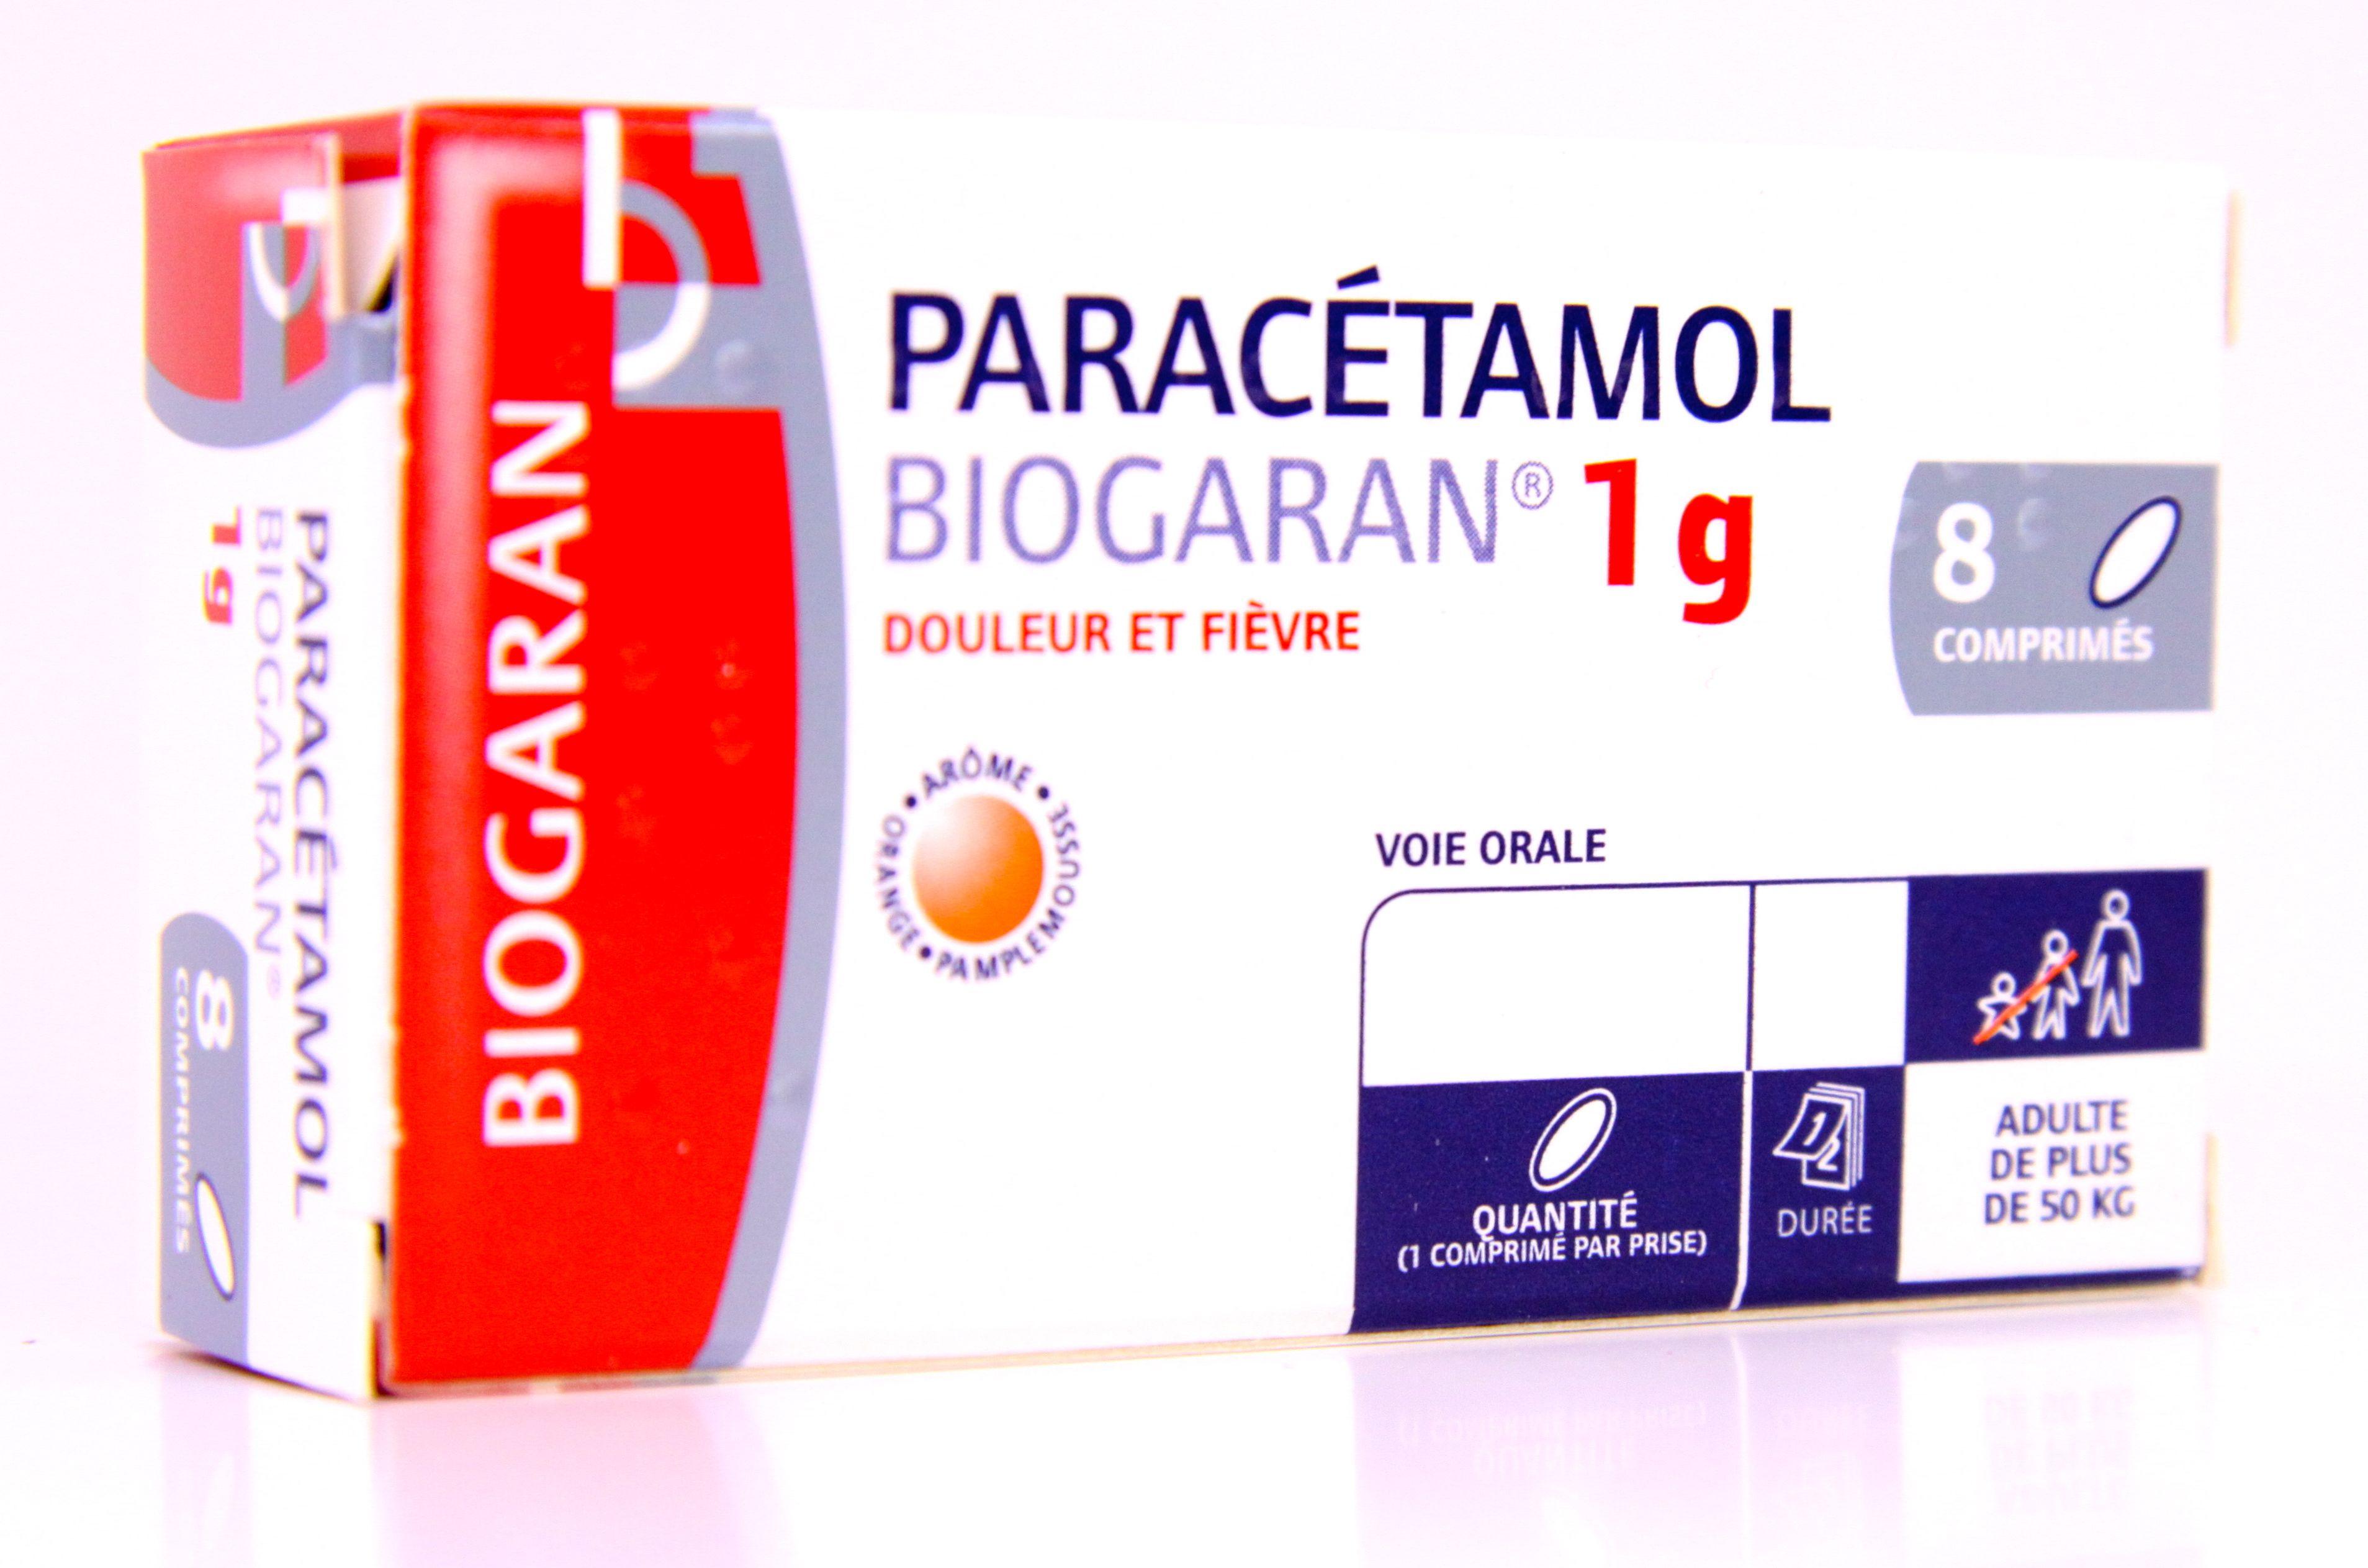 Augmentin 1 g comprimé posologie : Motilium ou vogalib